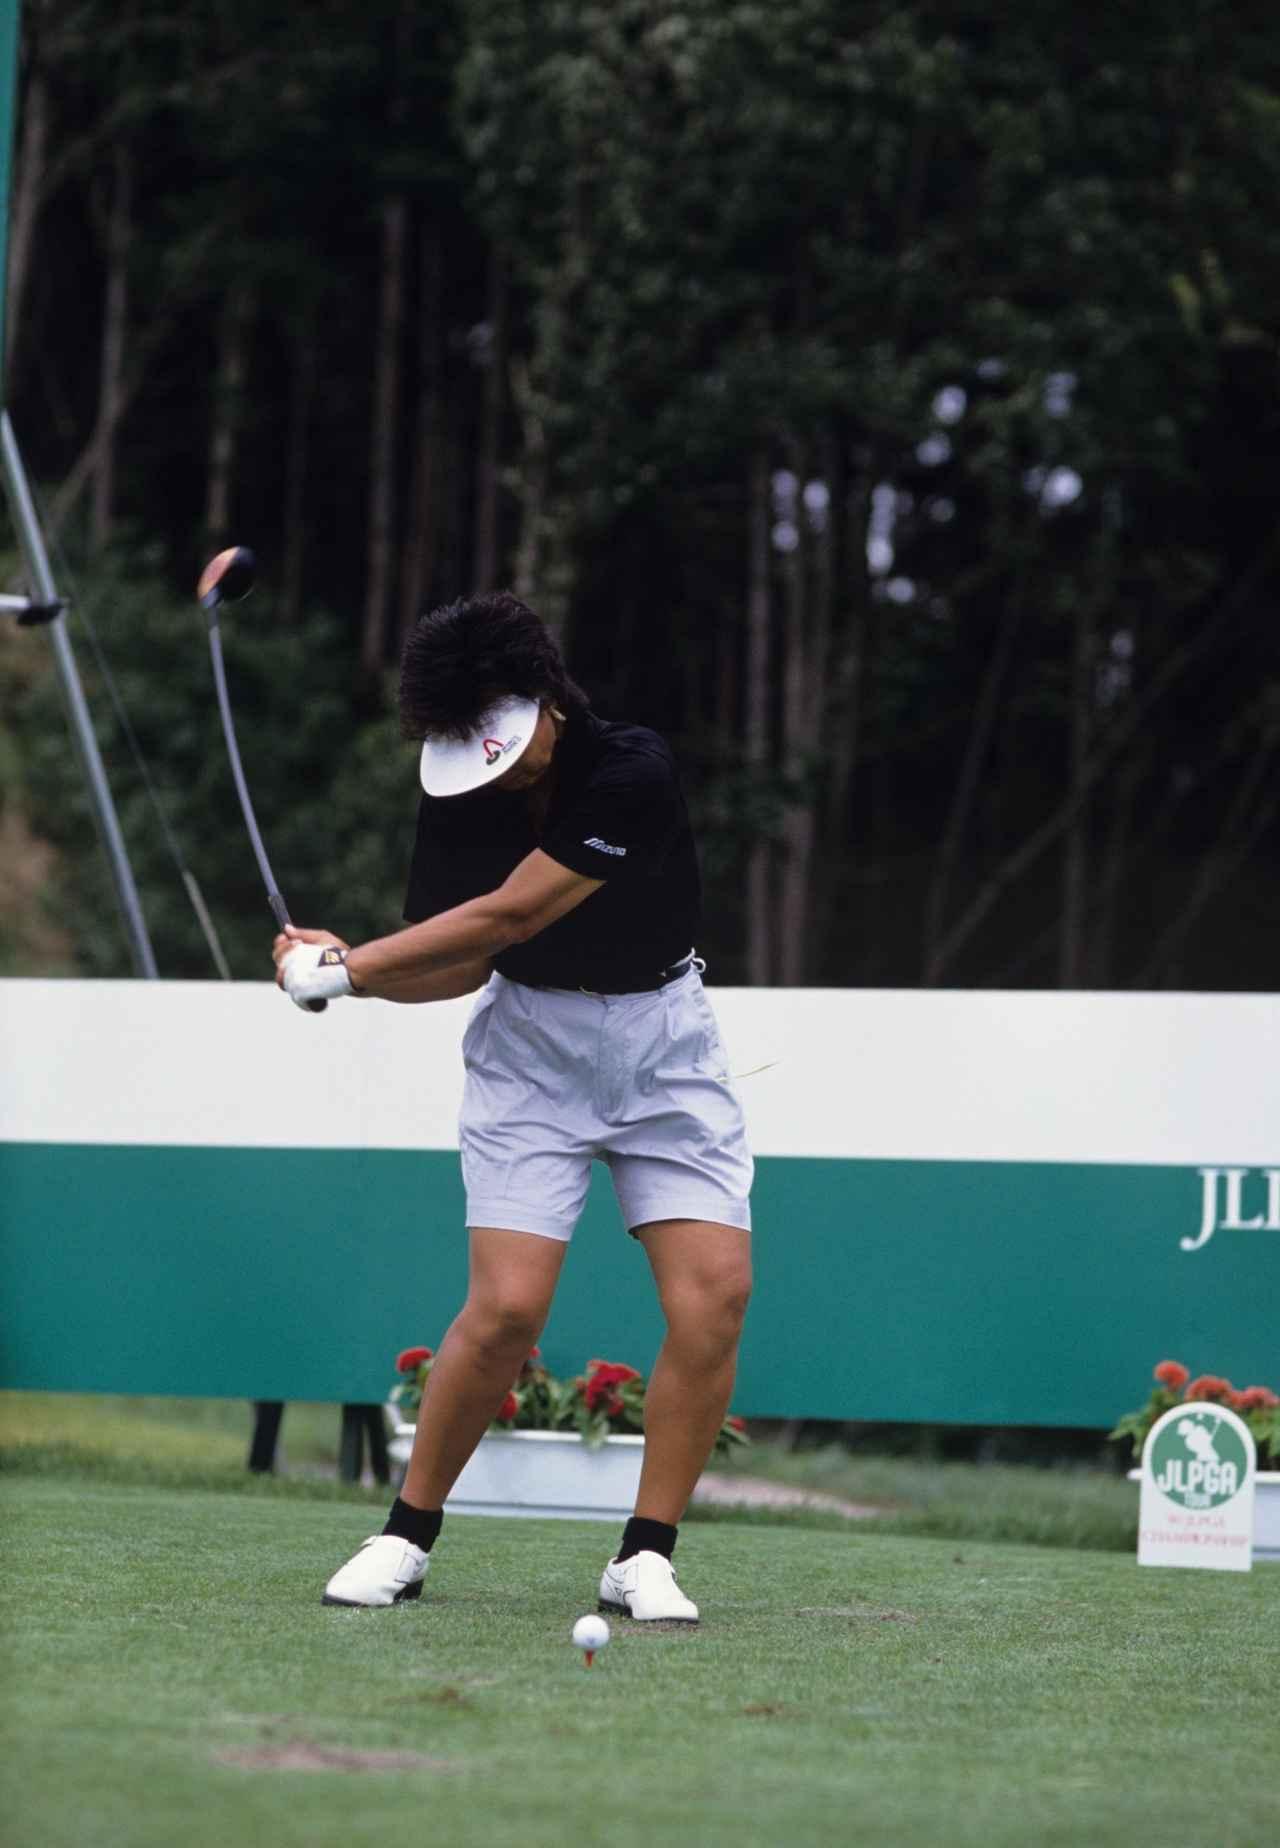 画像2: 【写真の記憶】(14)岡本綾子 もう一度打ちたかった72ホール目のバーディパット